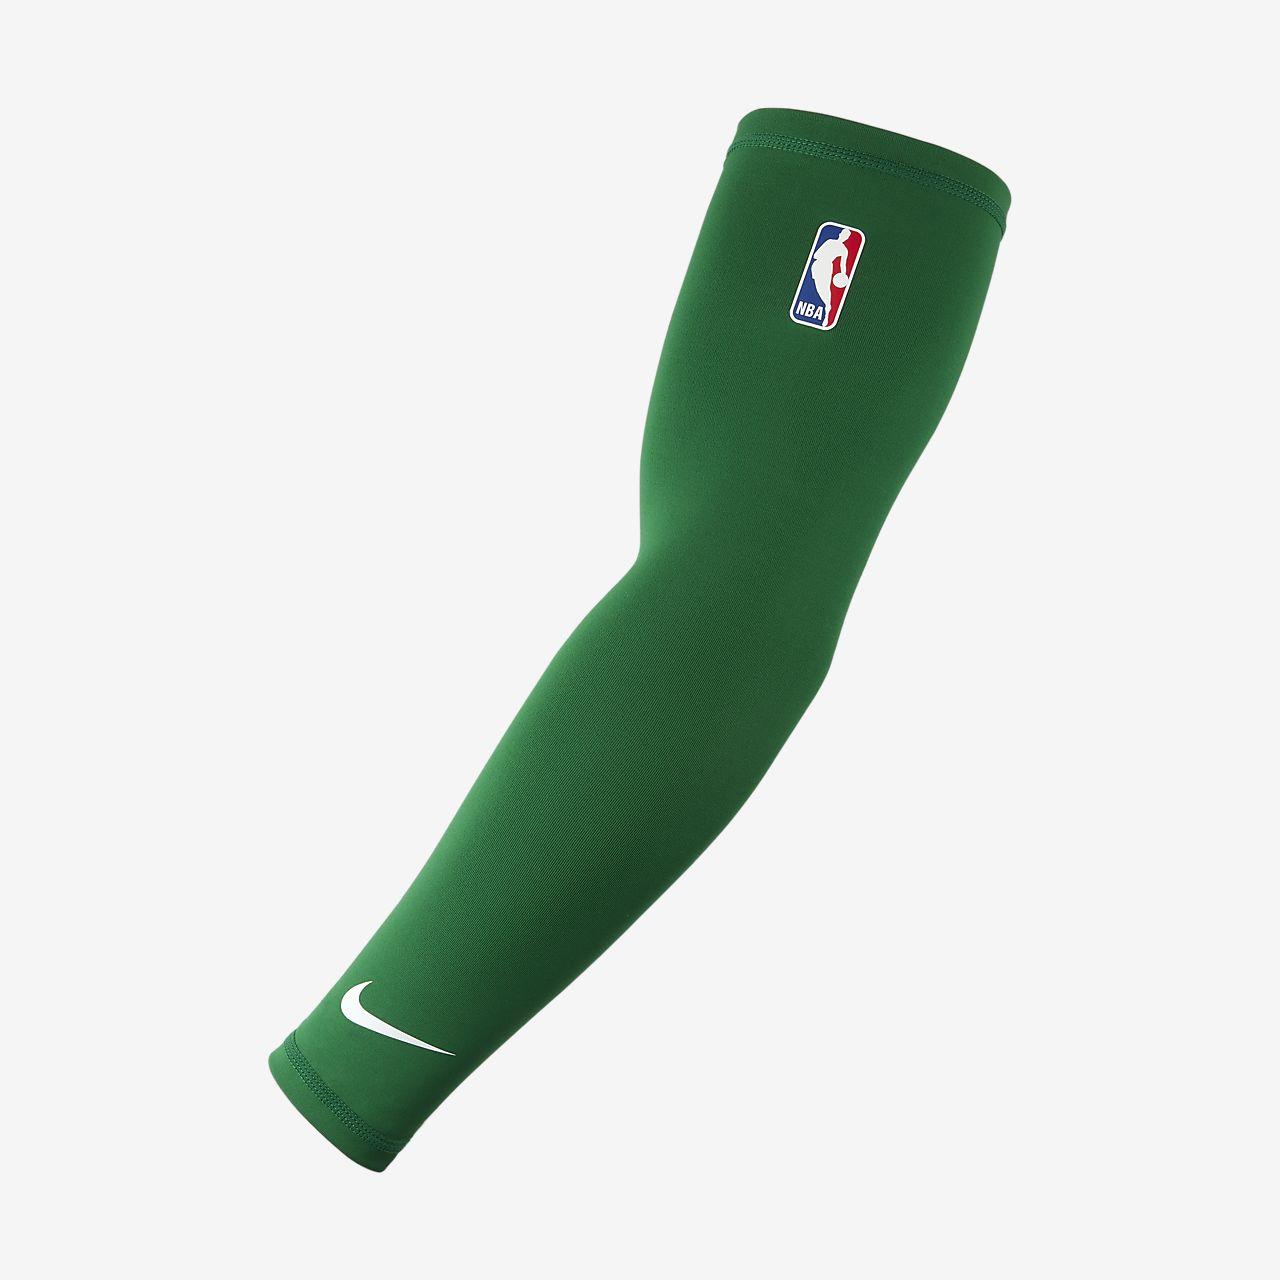 Nike Pro Elite Herren-Basketball-Armlinge